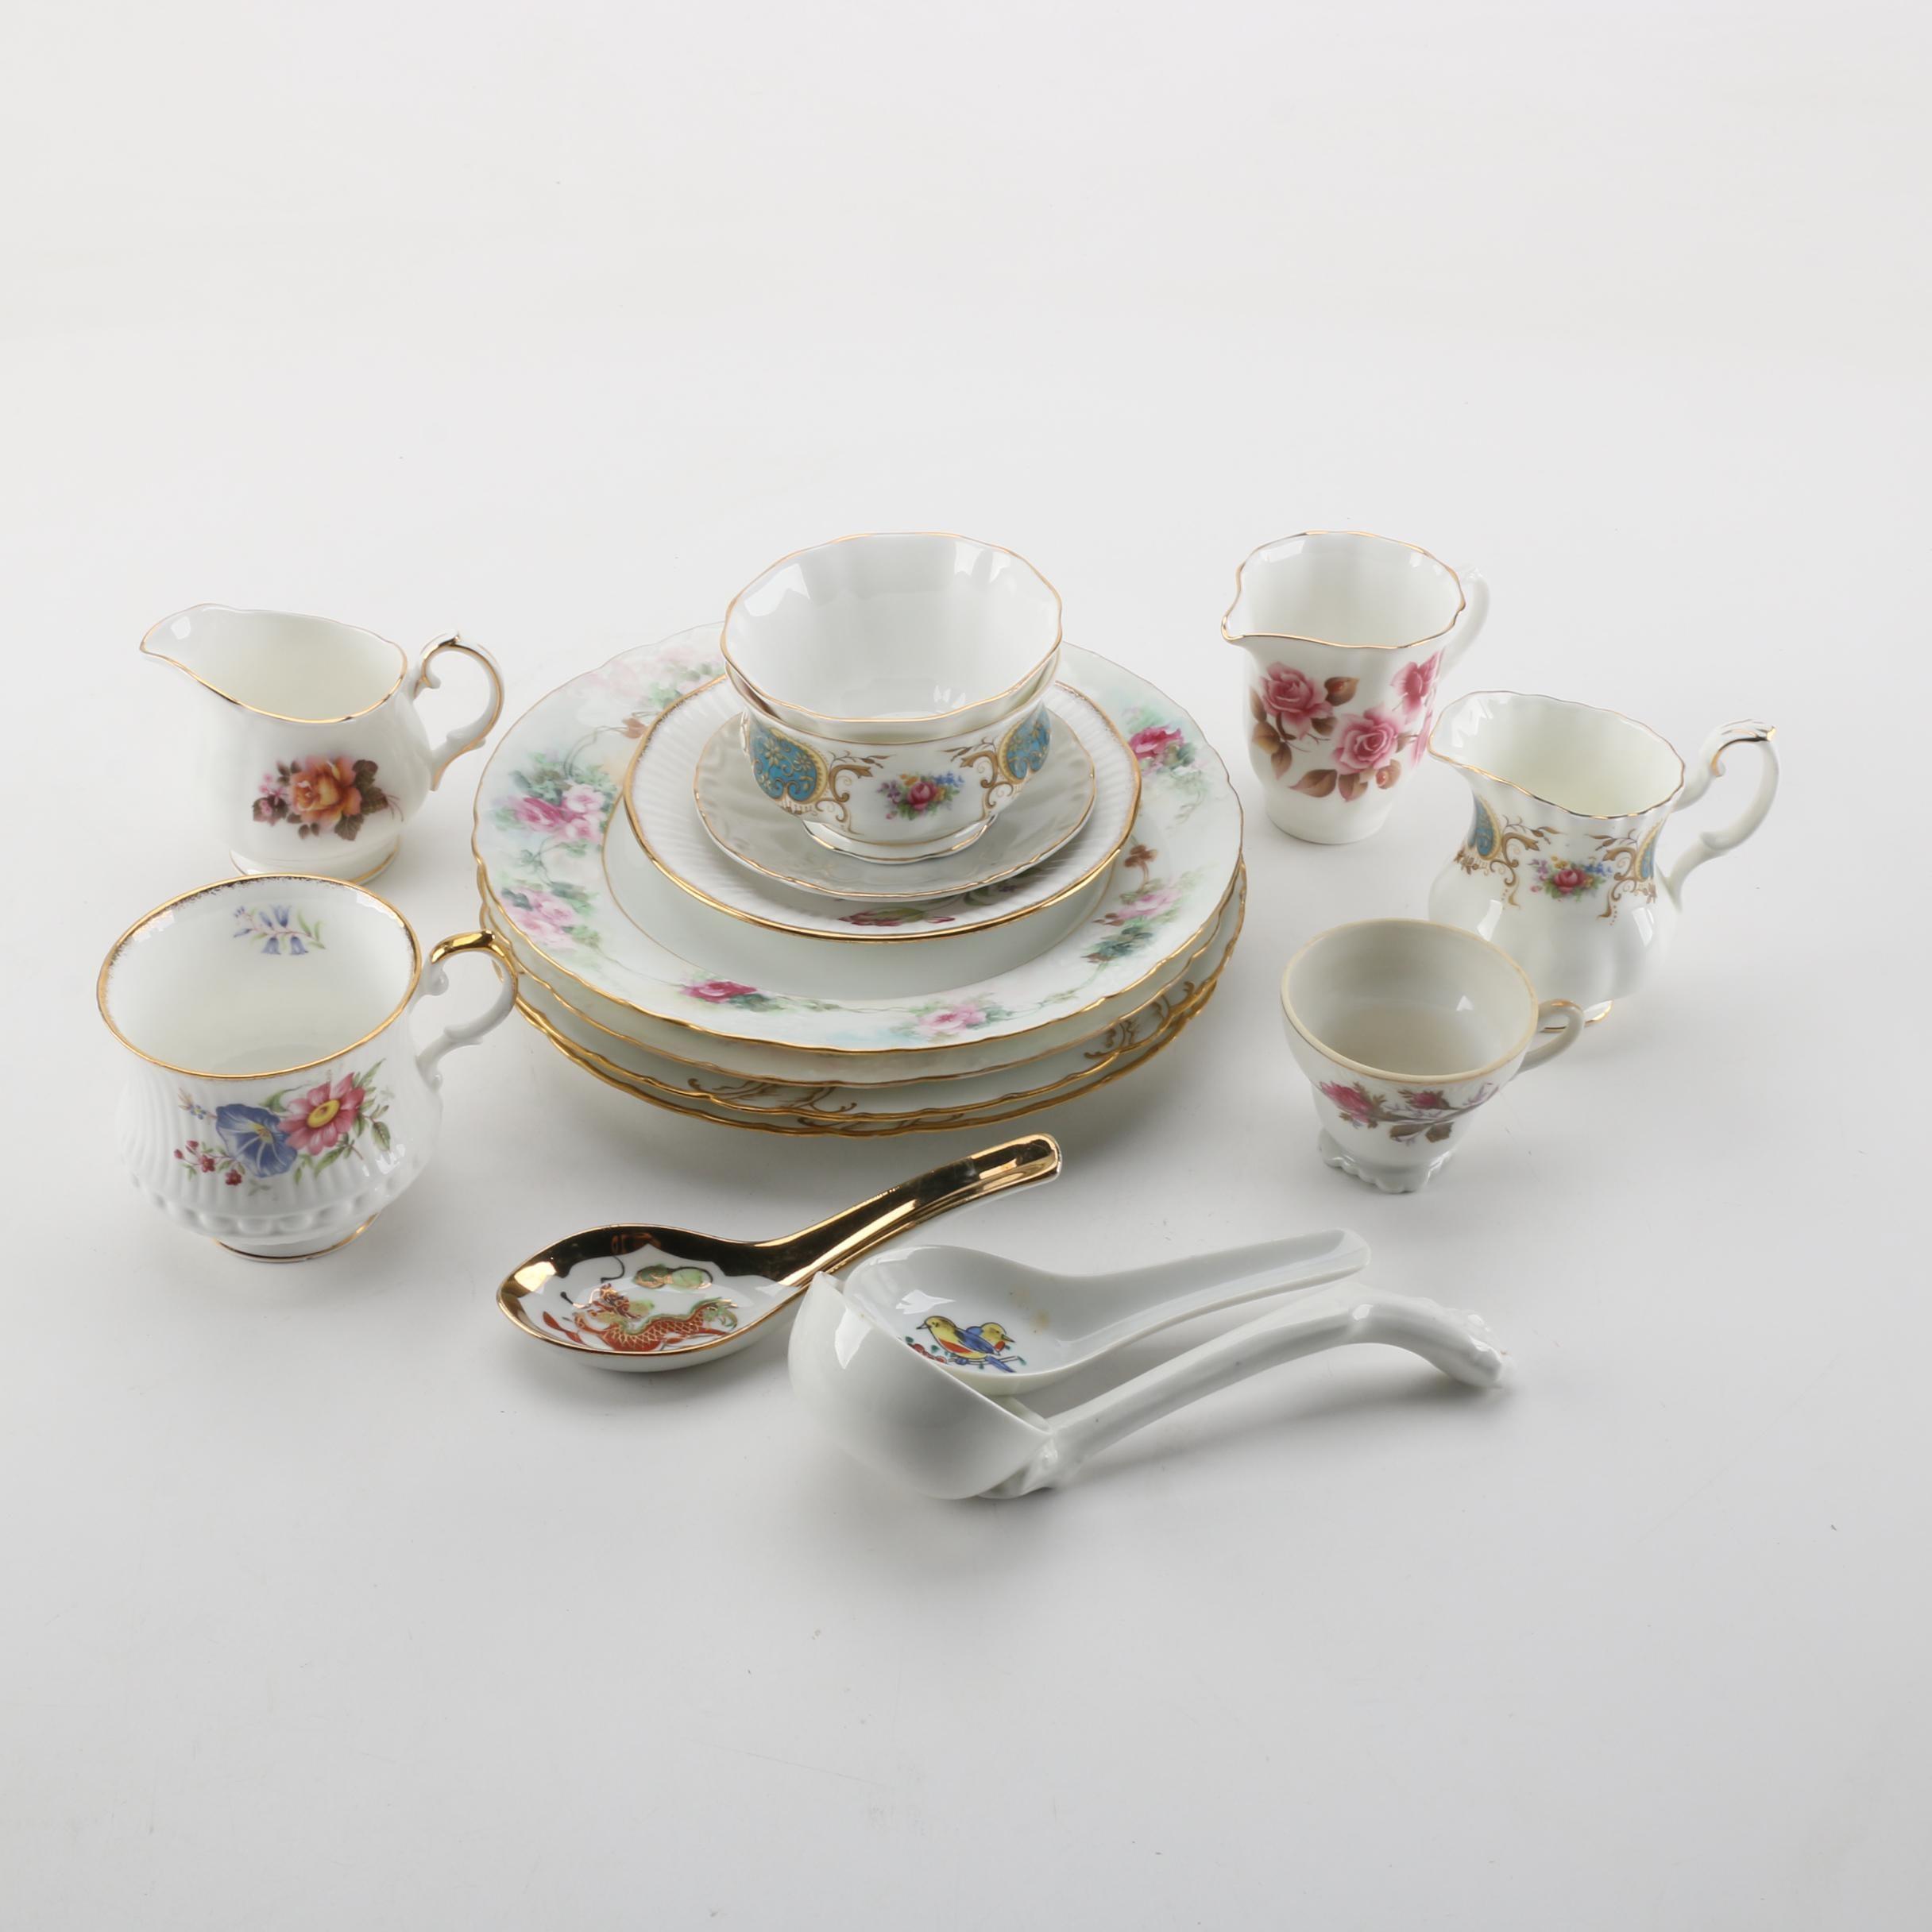 Porcelain Tableware Including Royal Albert and Royal Grafton